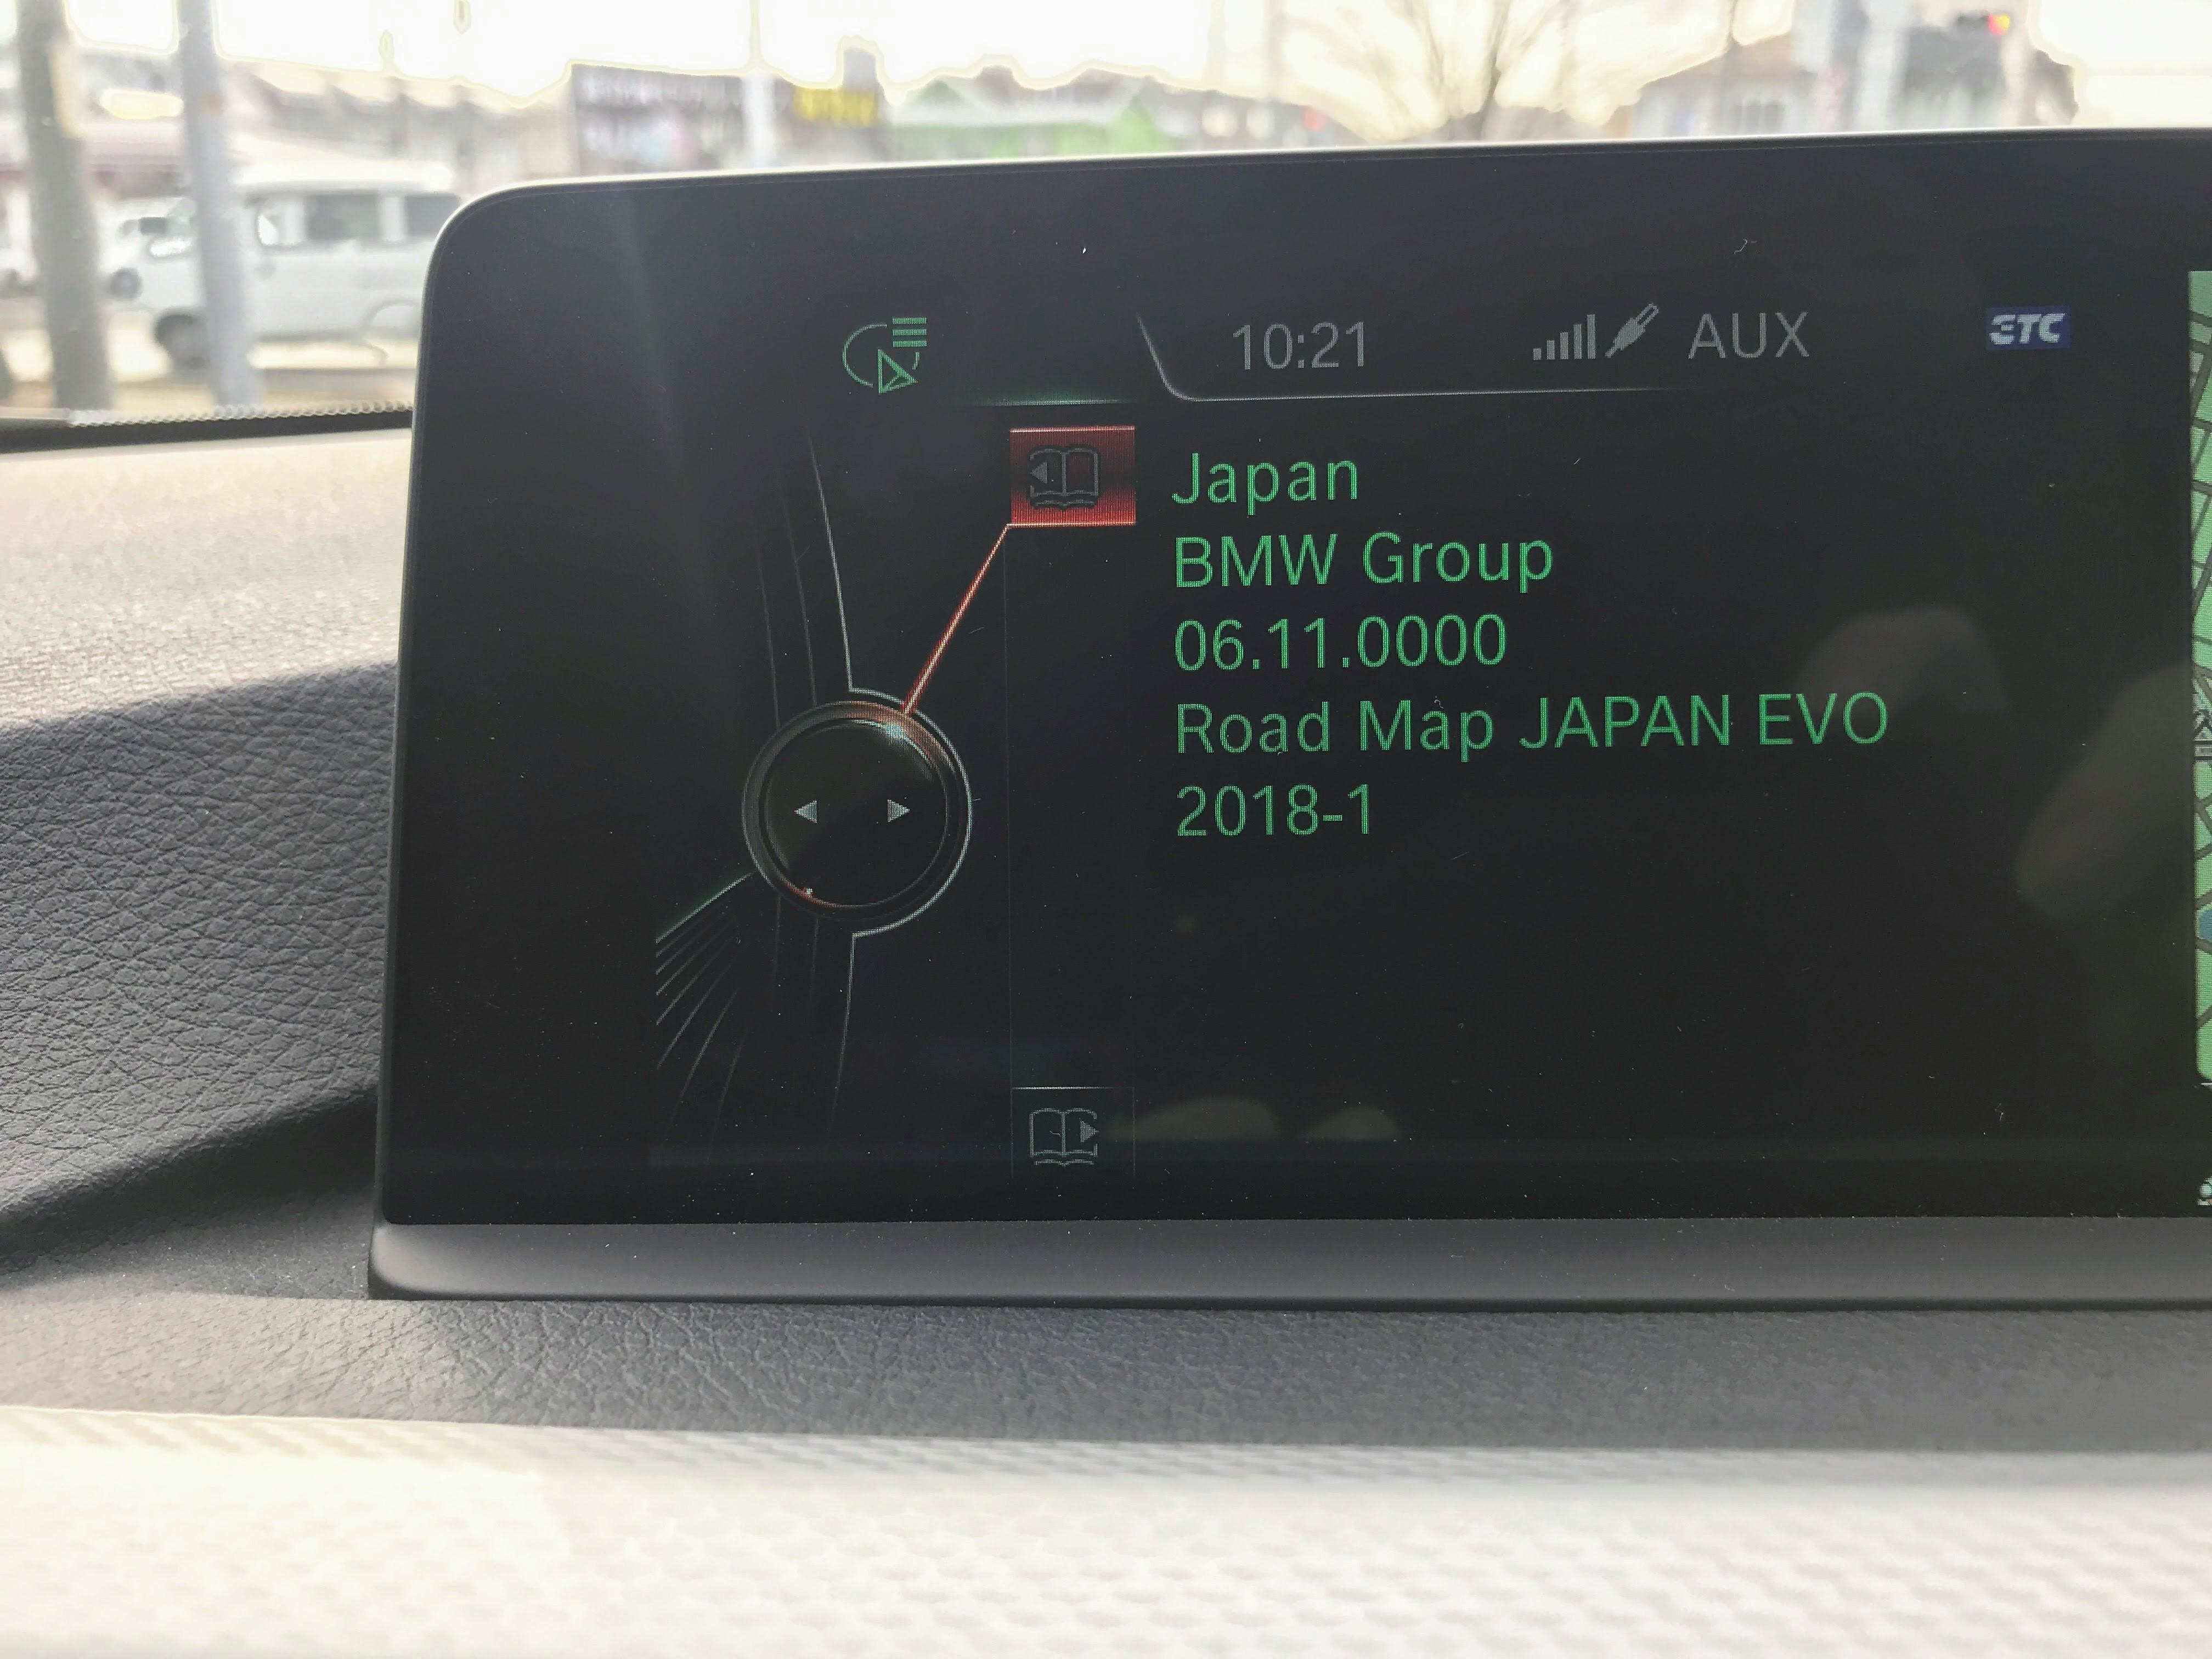 【保存版・独自リーク記事】2018年下半期のBMWニューモデルの公開・発売日情報!?あのMモデルがとうとう日本導入か!新型Z4や8シリーズは?